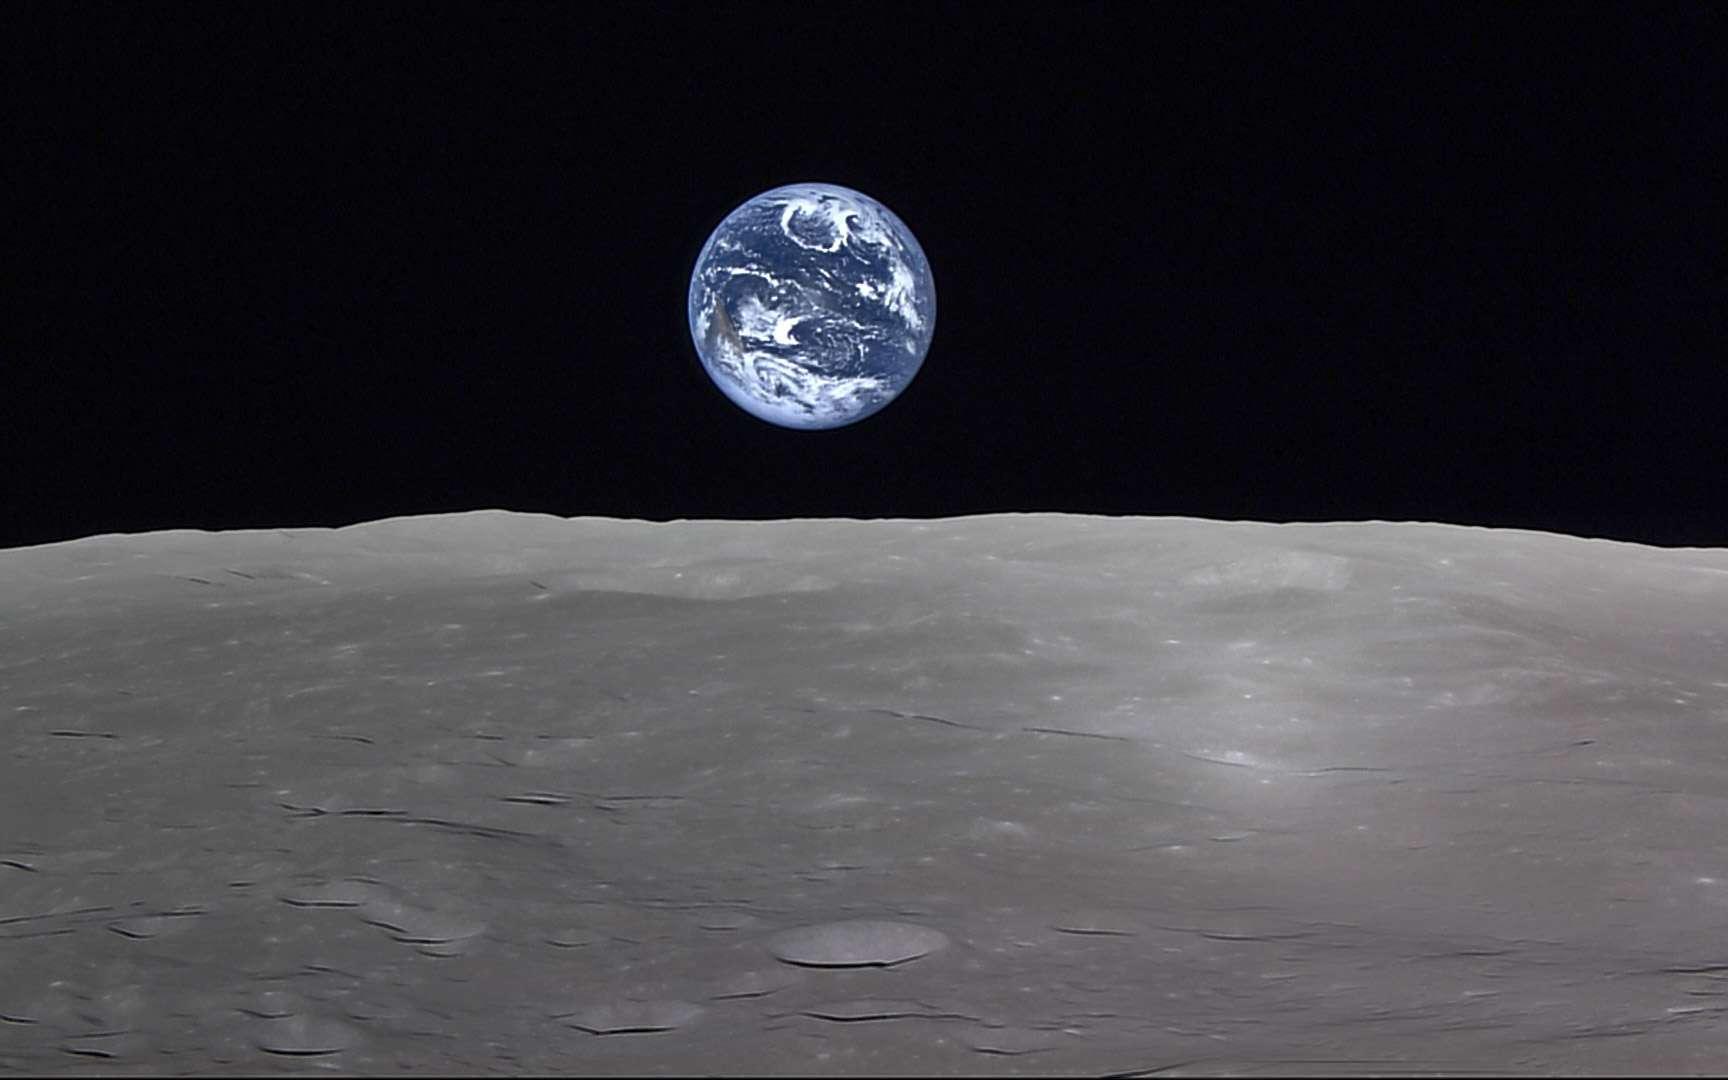 La Terre vue depuis la Lune. Cette image a été acquise par la sonde Sélène (Kaguya) de l'Agence spatiale japonaise. © Jaxa, NHK